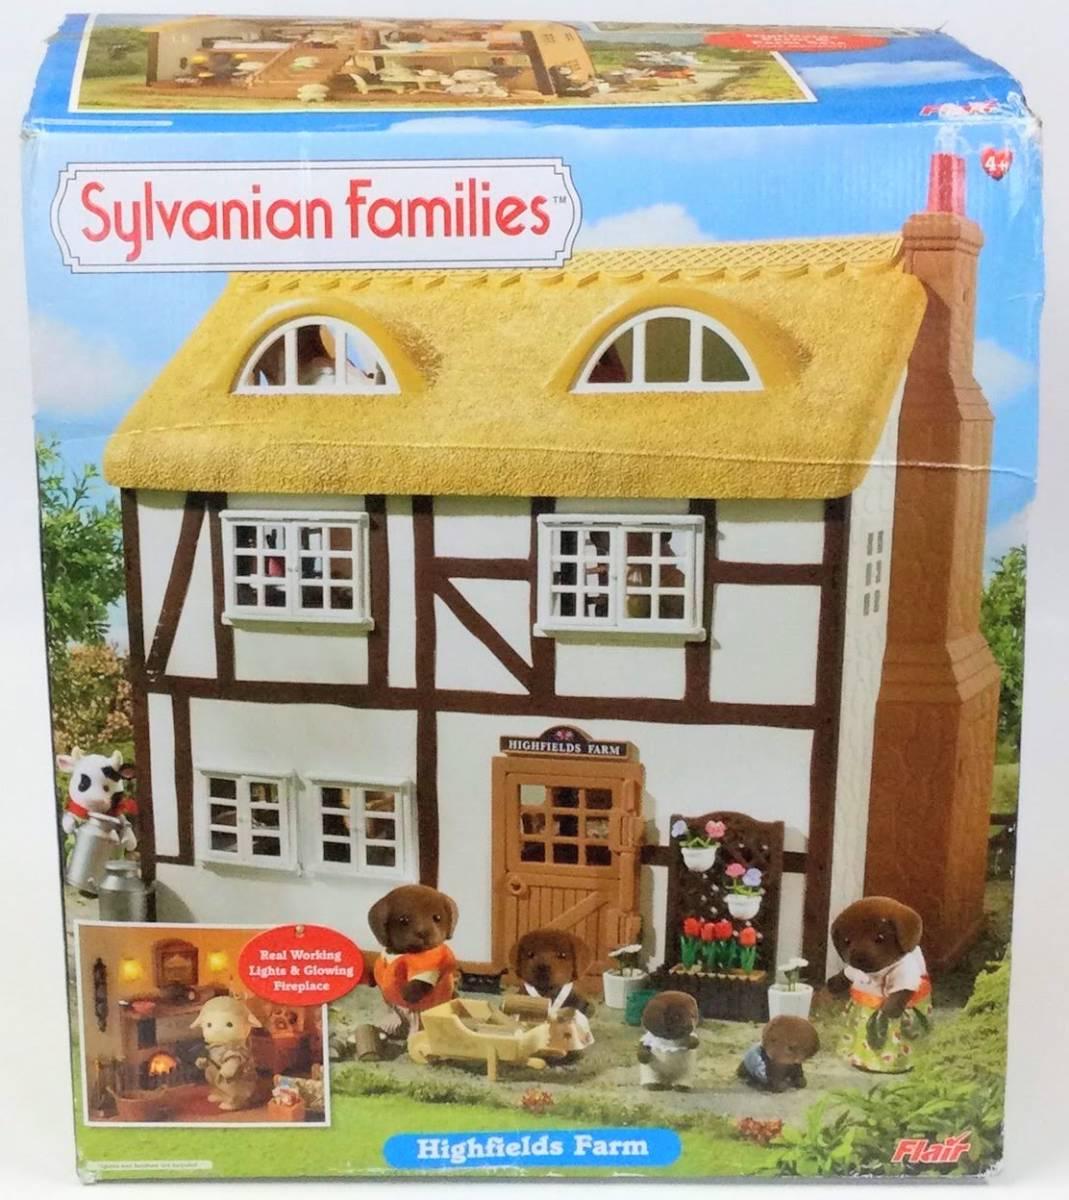 シルバニアファミリー ハイフィールズ ファームハウス オリジナルBOX付き シルバニア UK イギリス 付属品多数